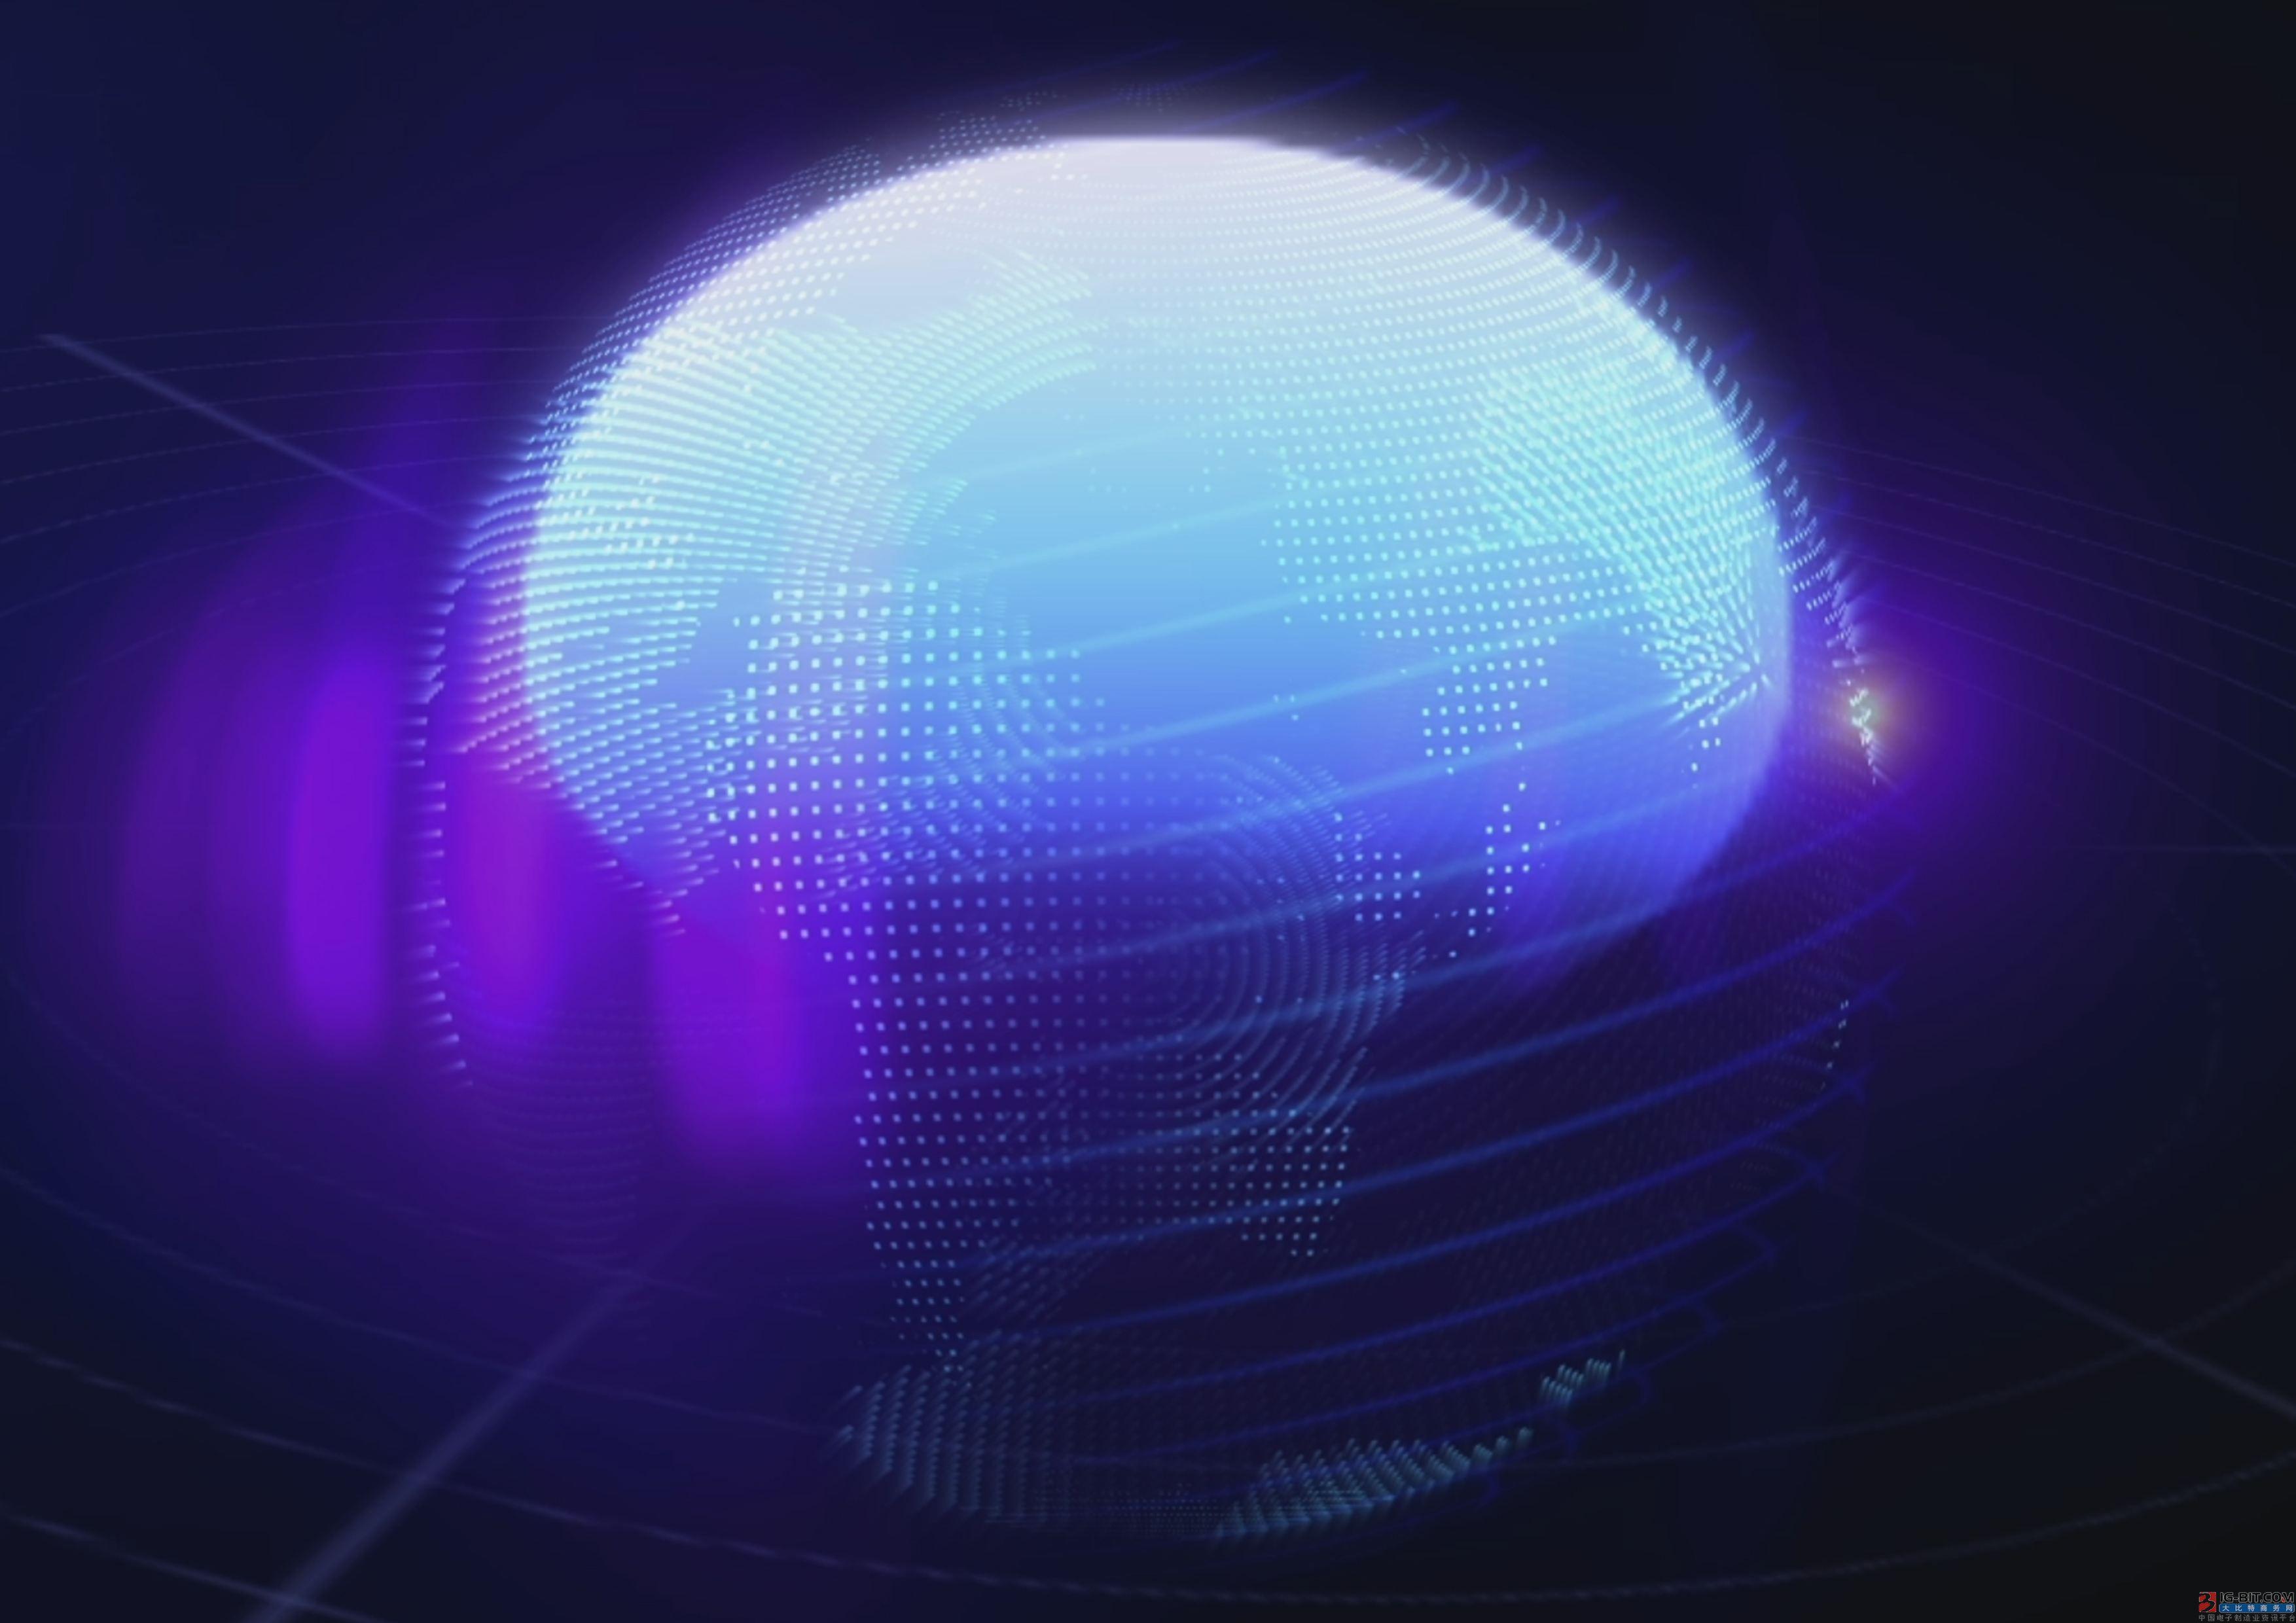 马瑞利将携汽车照明解决方案亮相2019 CES展